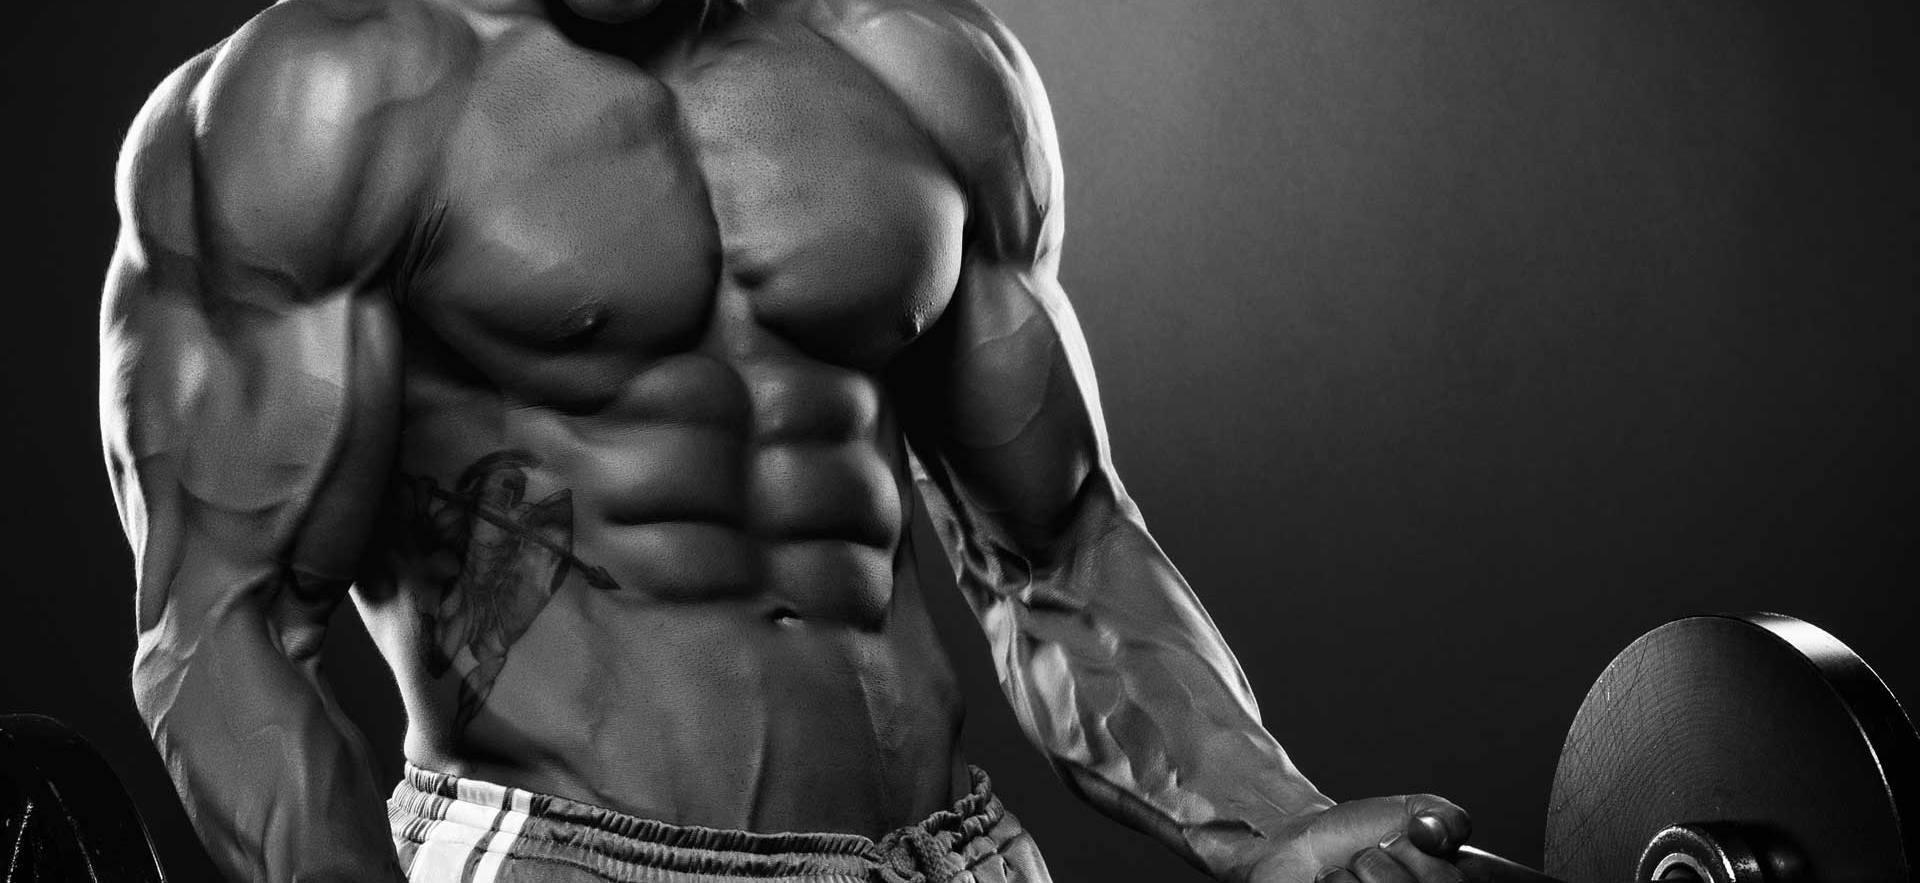 Набор мышечной массы